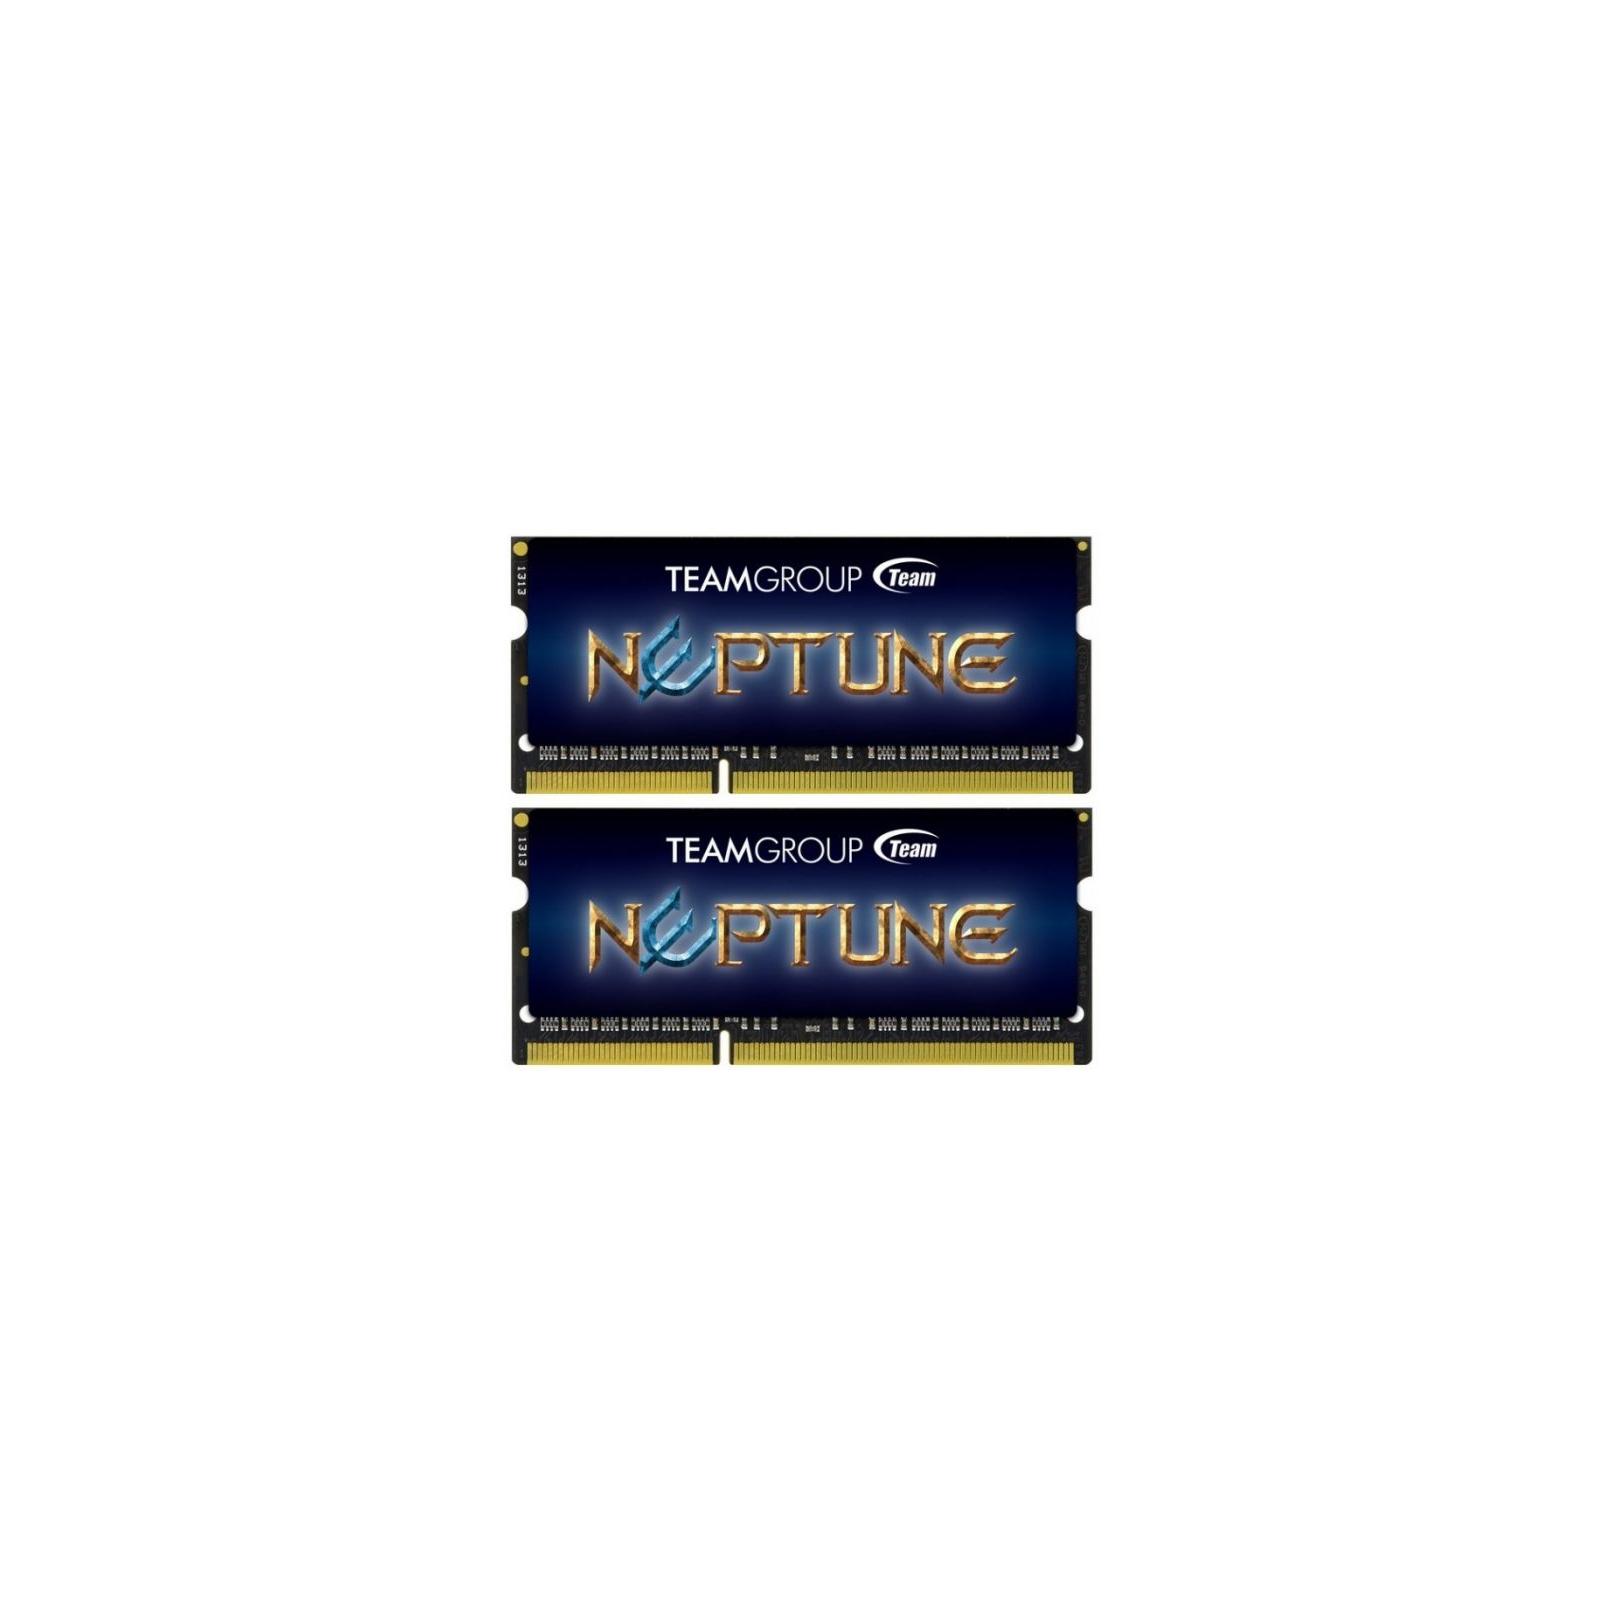 Модуль памяти для ноутбука SoDIMM DDR3 16GB (2x8GB) 2133 MHz Neptune Team (TND3L16G2133HC11DC-S01)